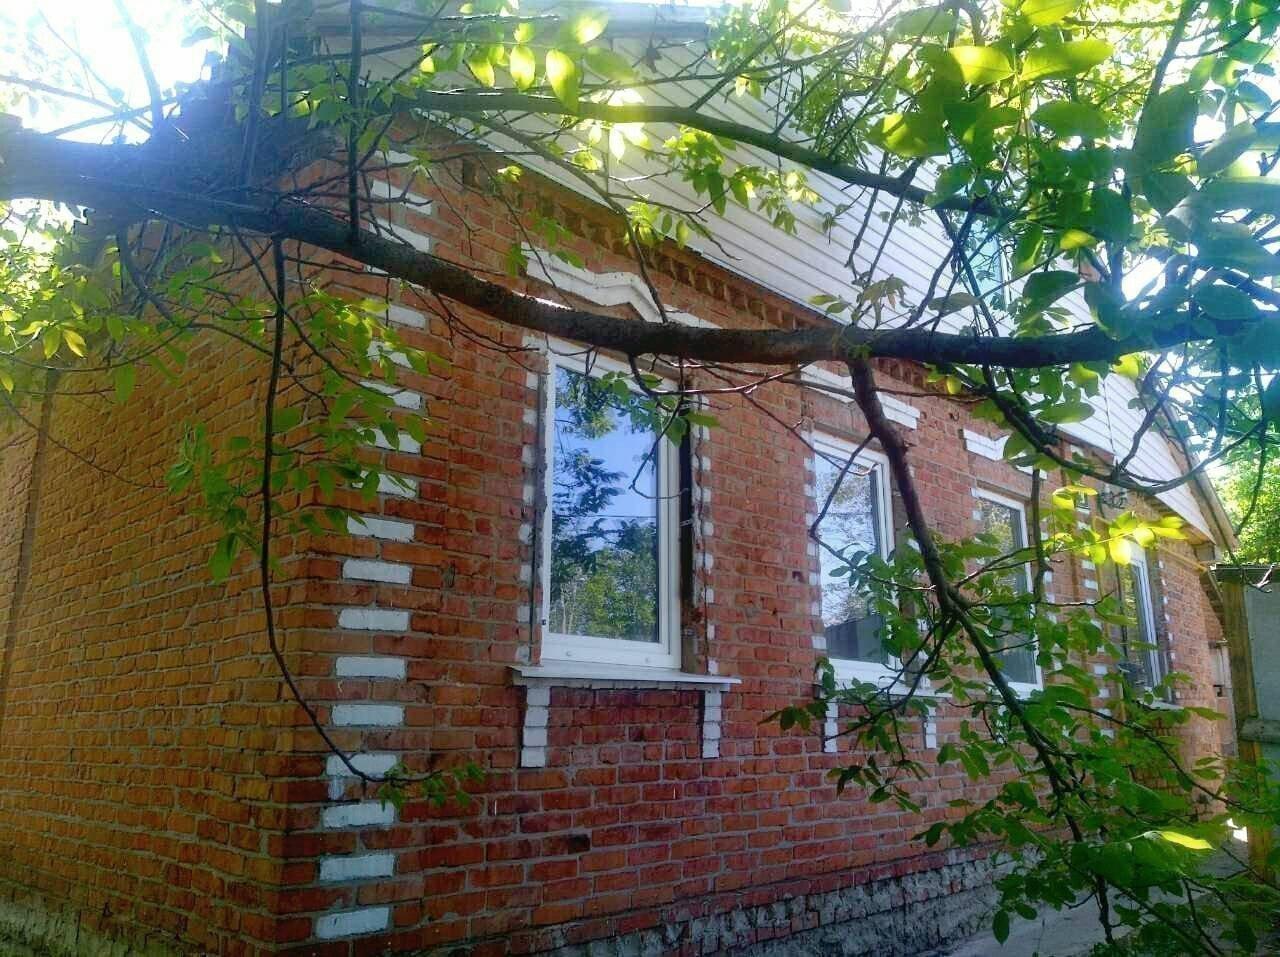 Фото: Продам дом в городе Тарановка. Объявление № 5957